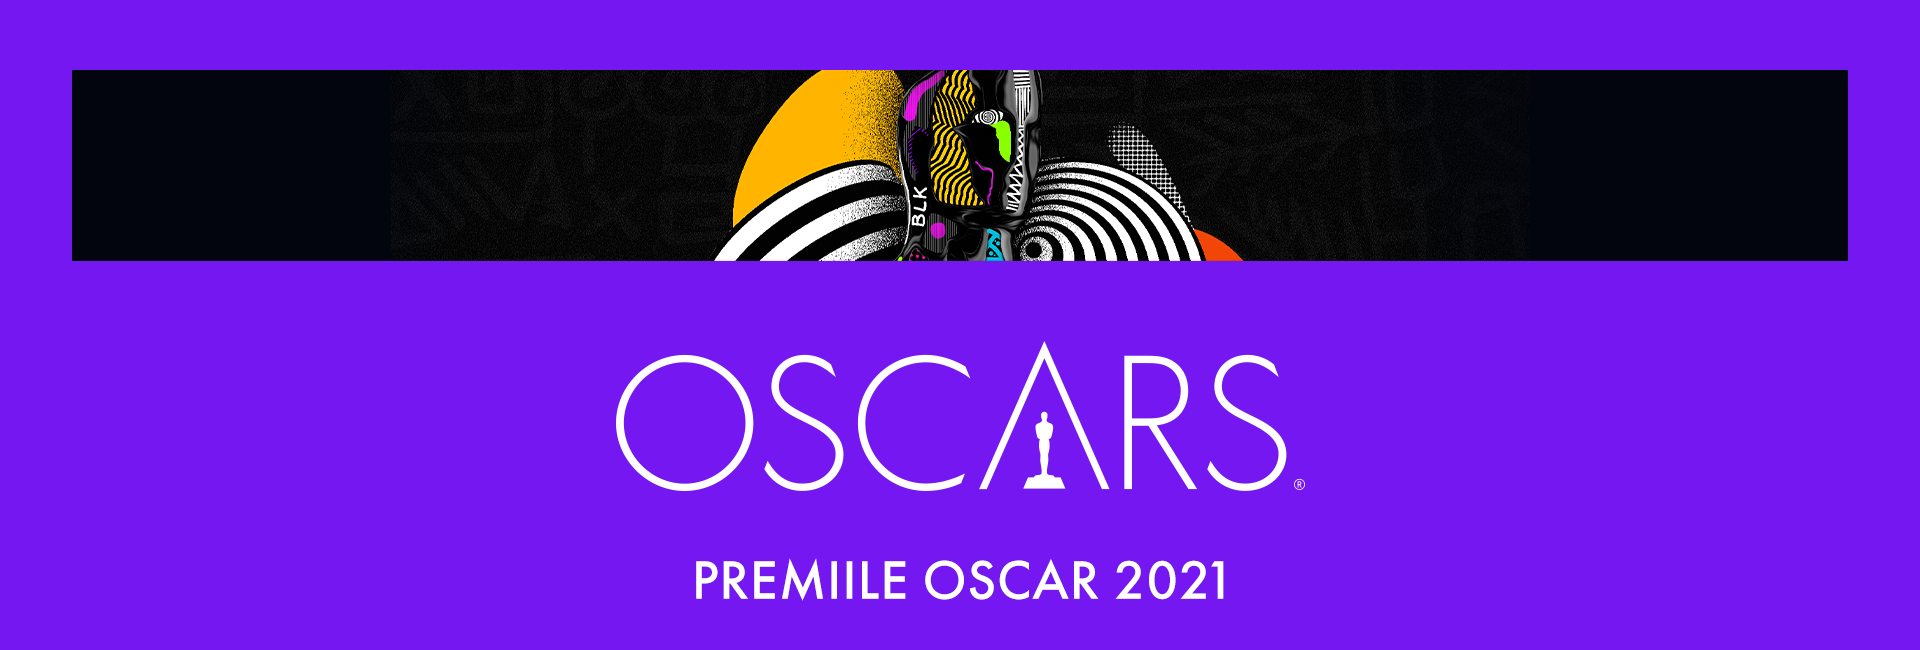 Premiile Oscar 2021